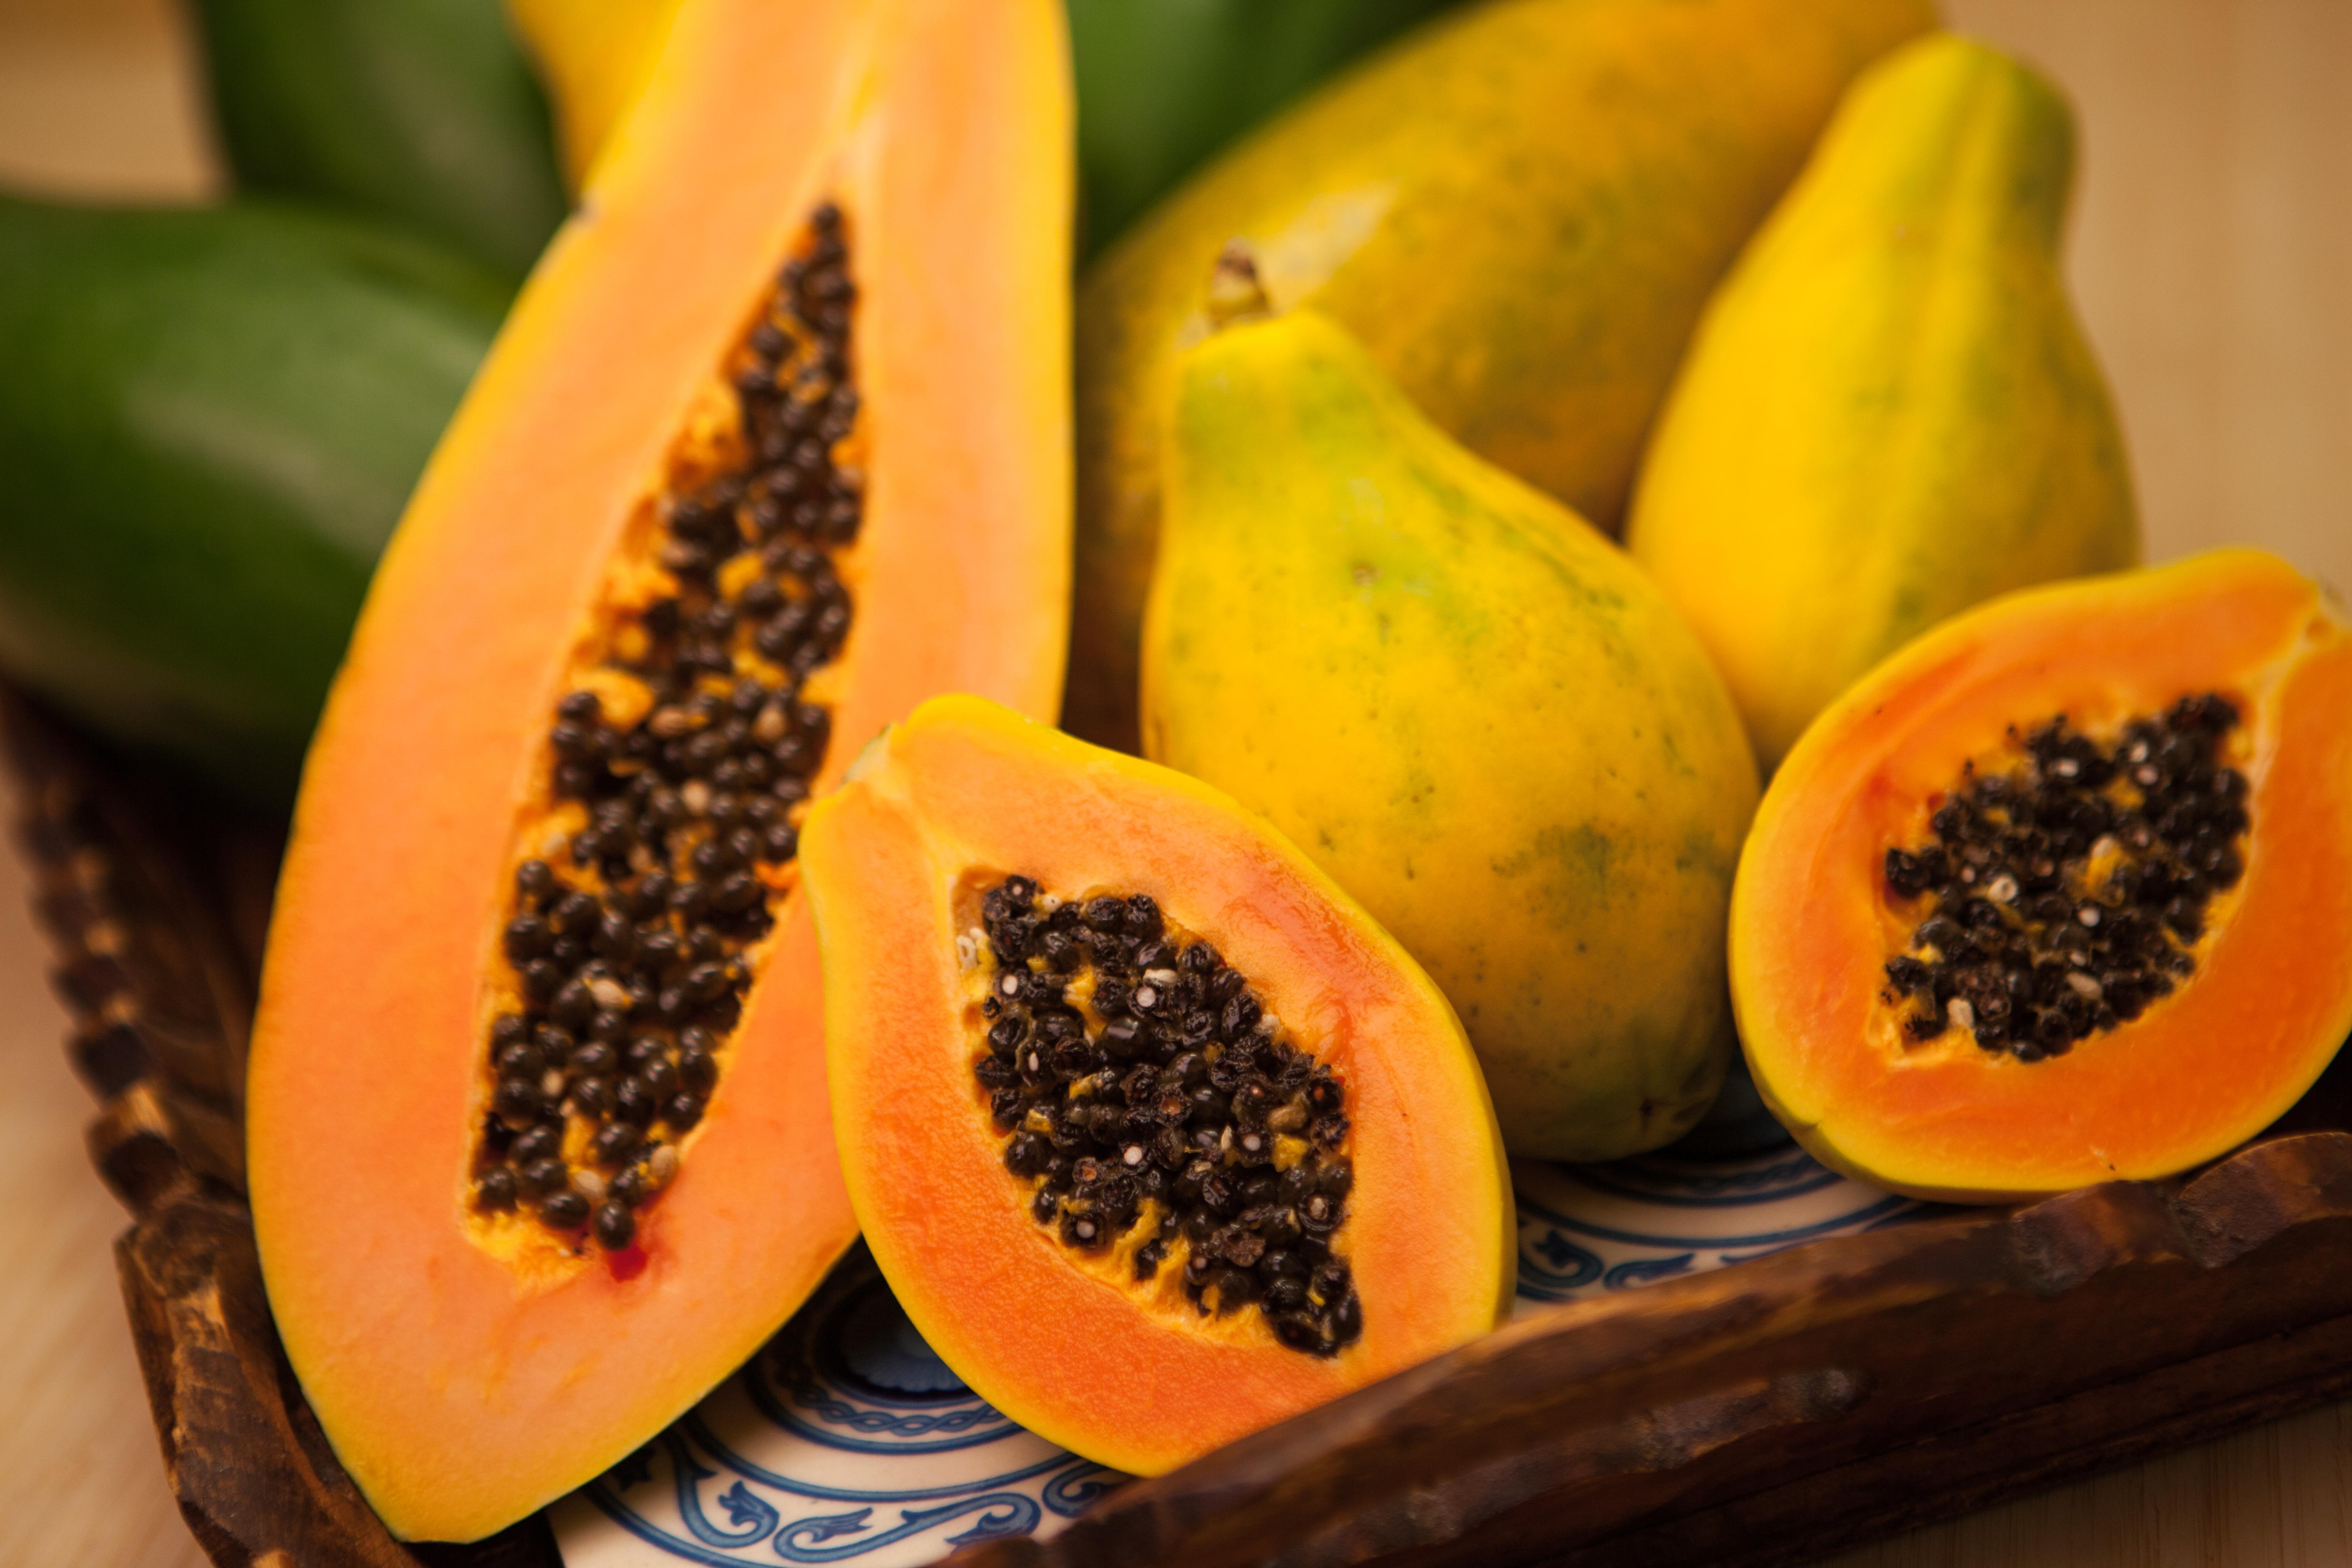 Dinnyefaként is szokták emlegetni, azonban van egy másik neve ennek a gyümölcsnek, ami sokkal elterjedtebb. Mi az?